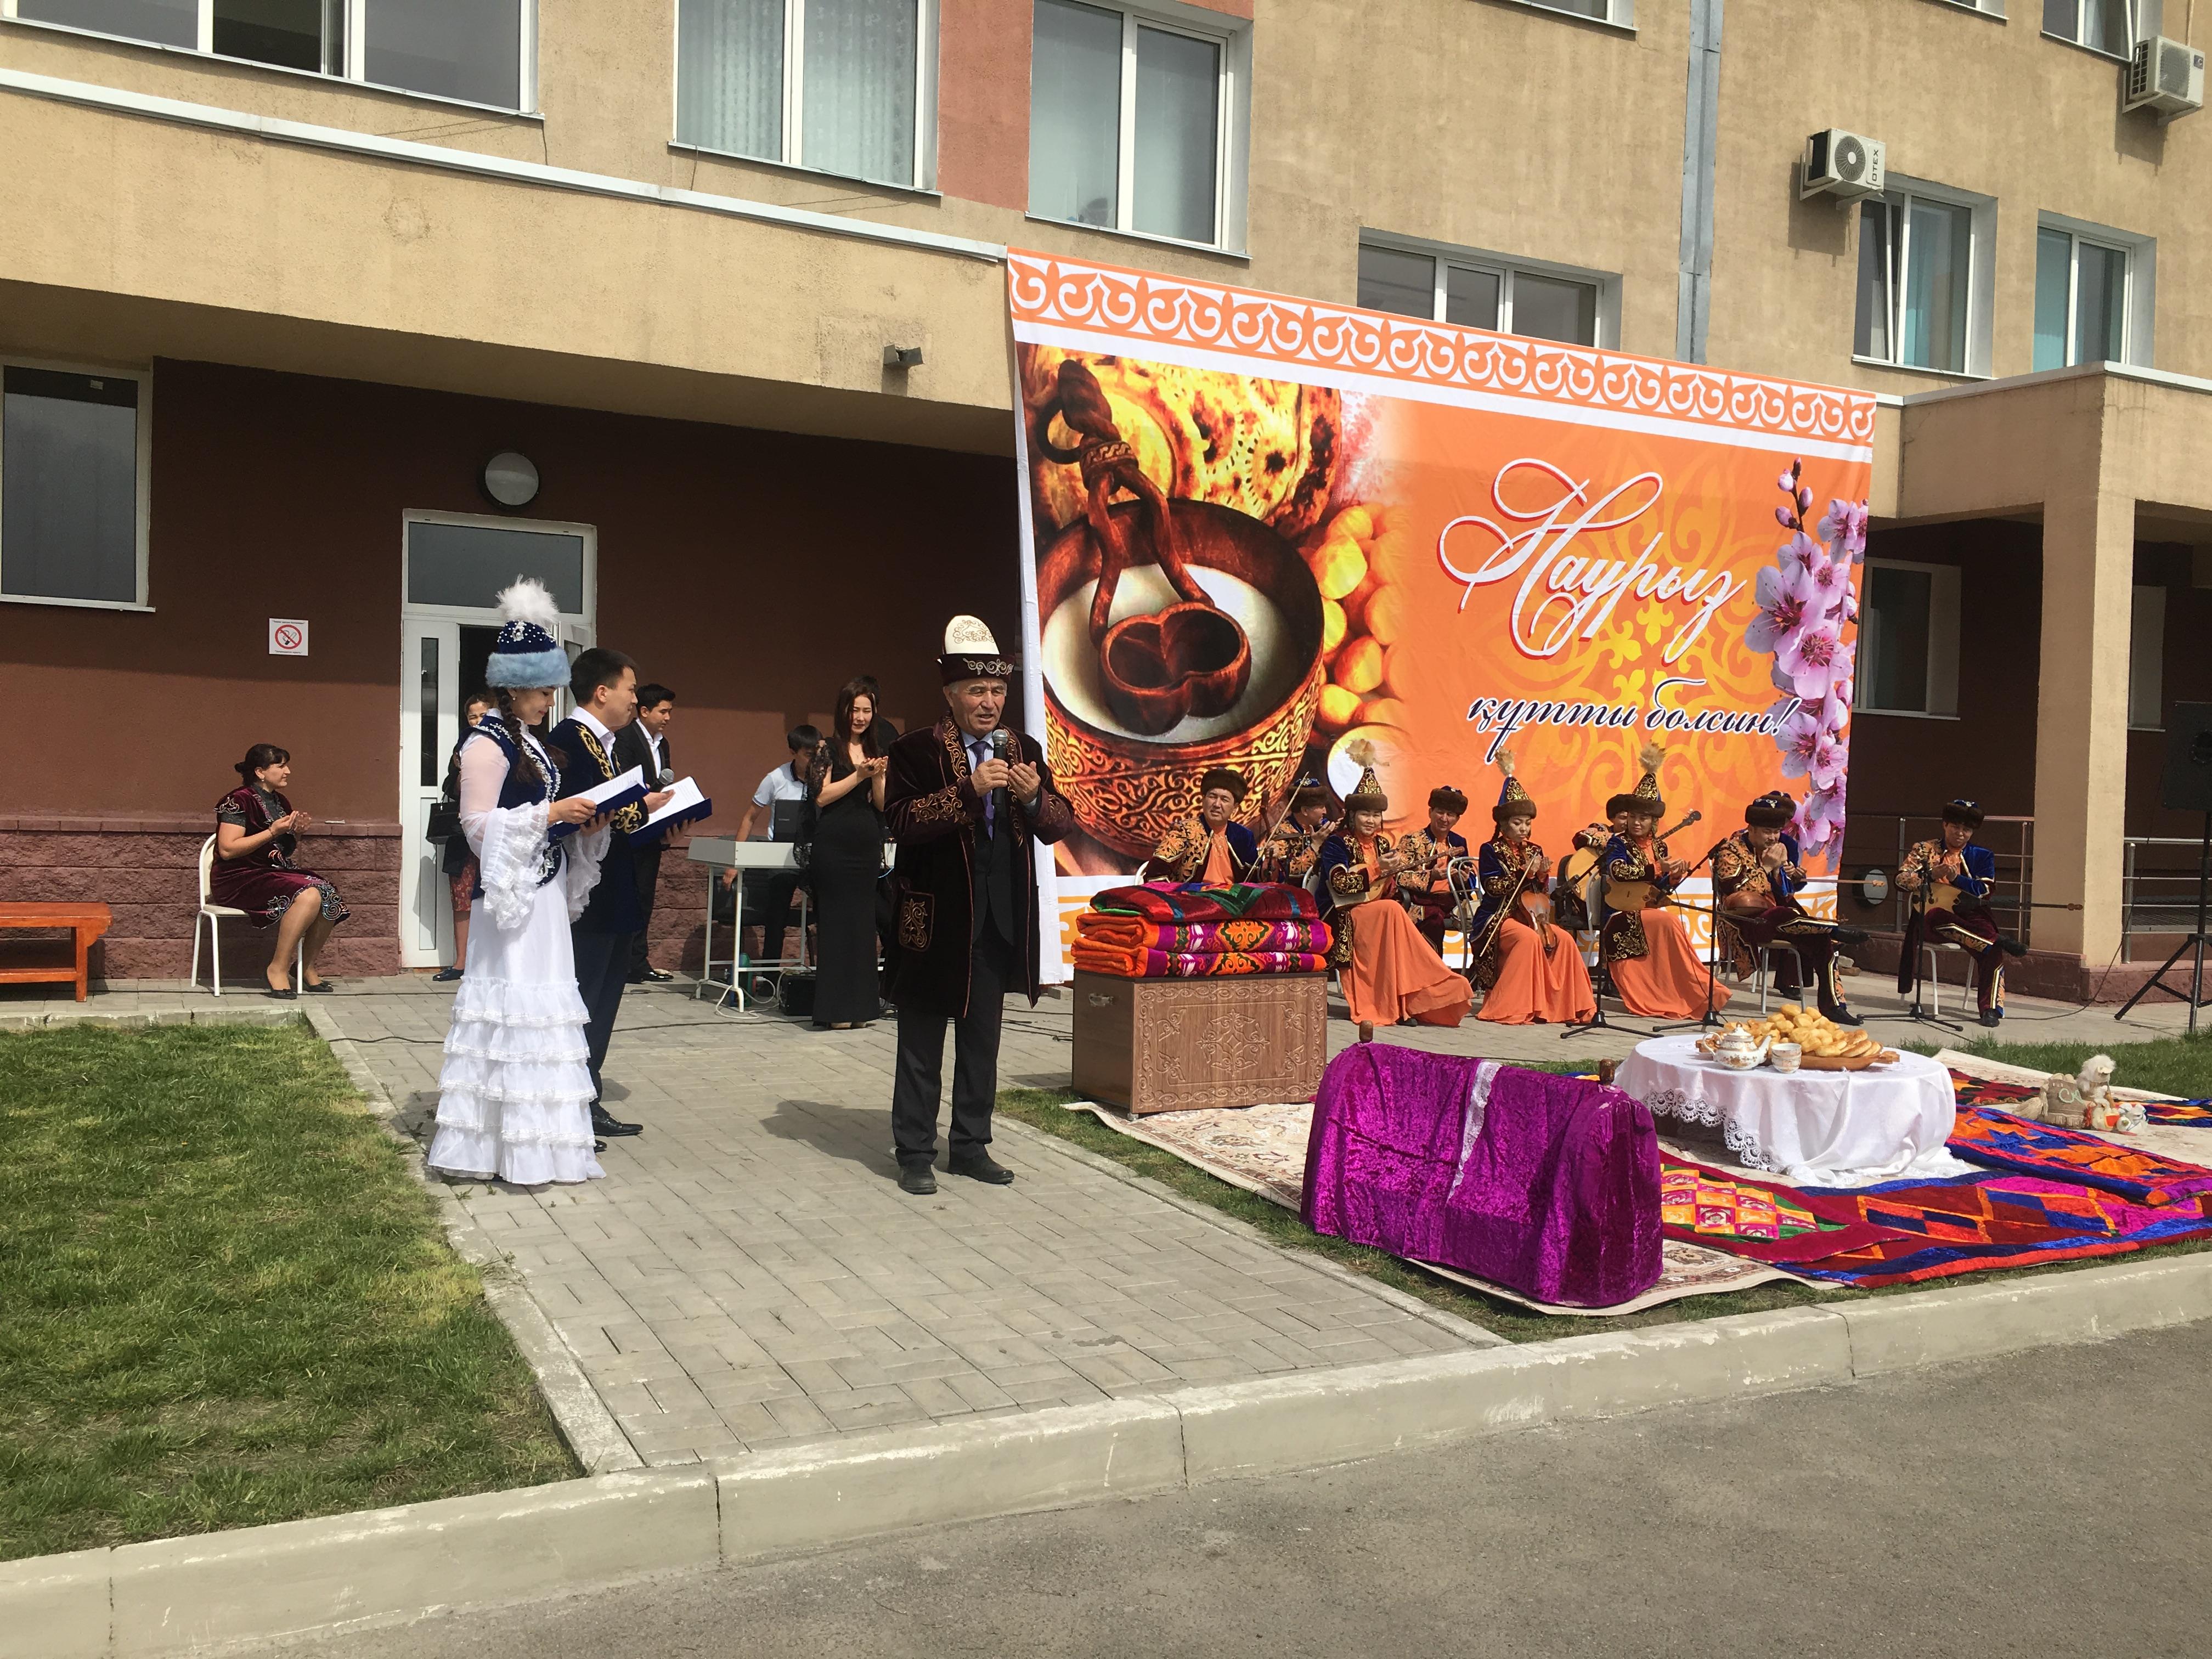 Коллектив  ГКП ПХВ  «Городская поликлиника №29» поздравляет всех коллег с  праздником  Наурыз!